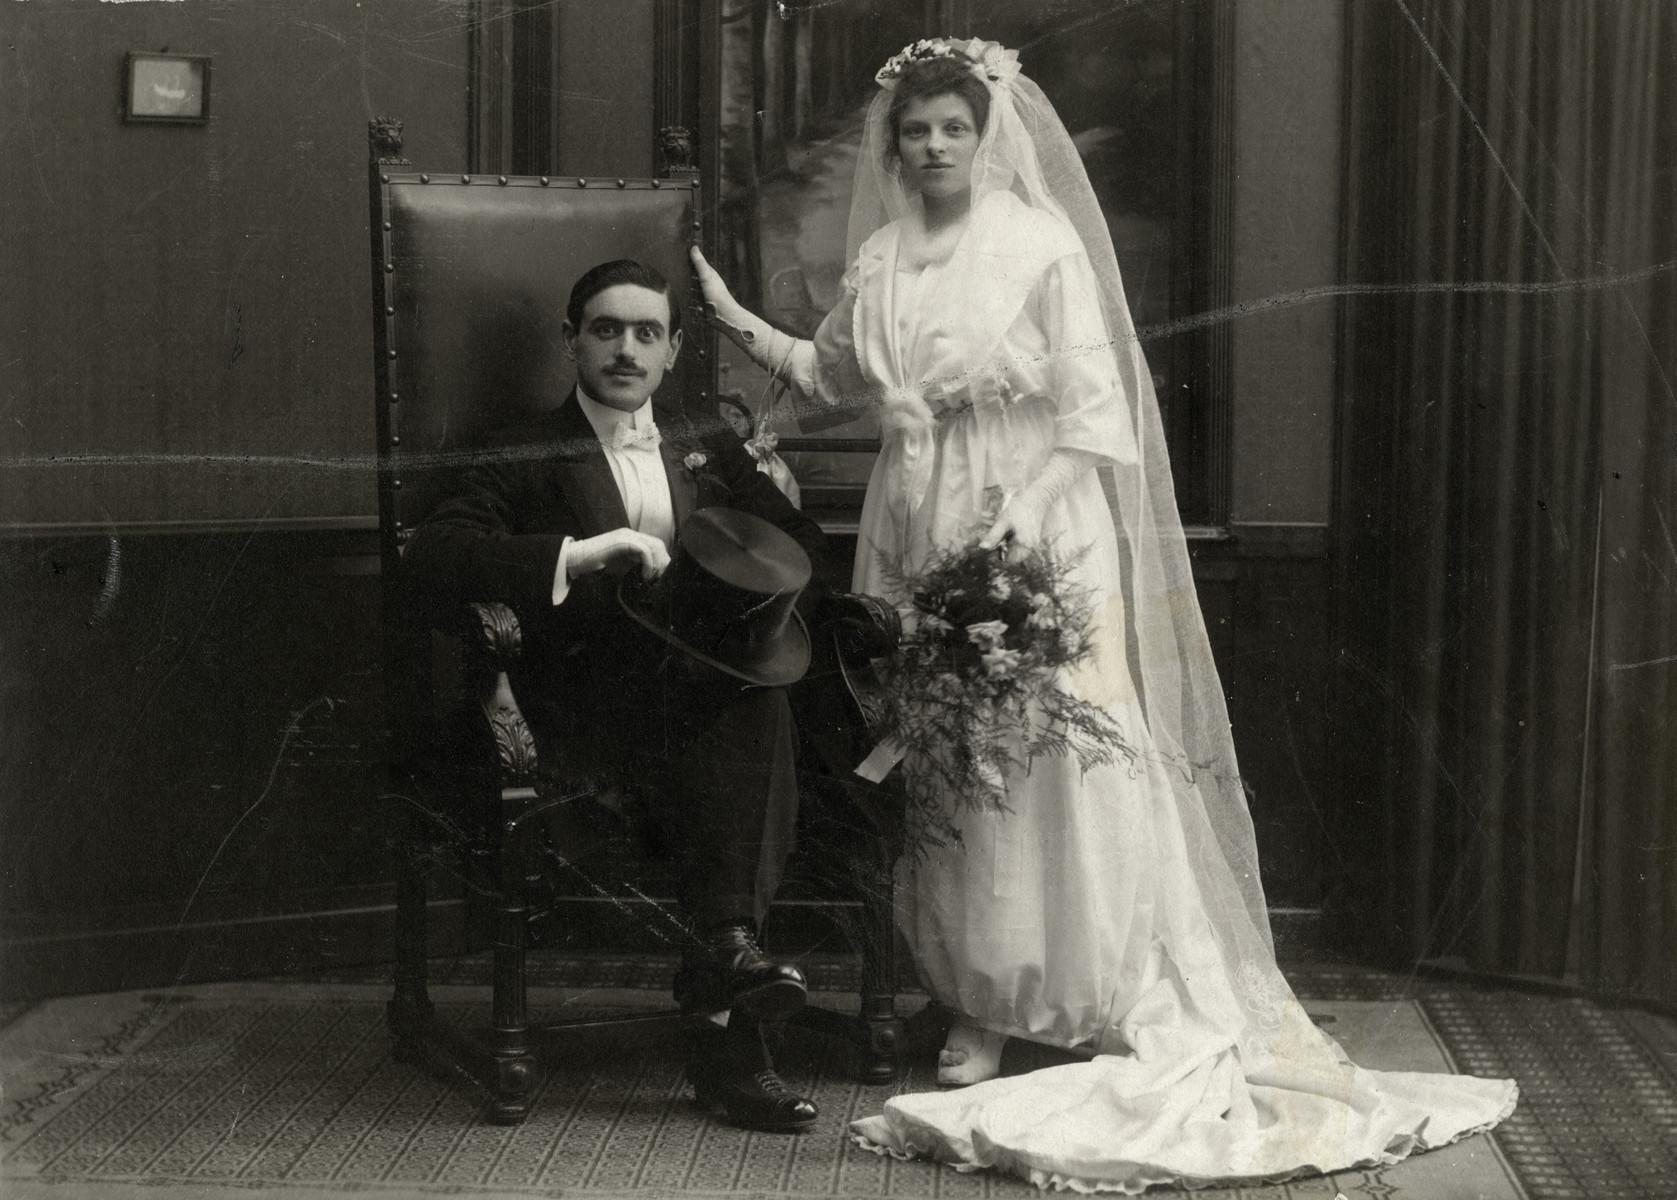 Wedding portrait of Marcus (Max) Kok and Julie Kok Vleeshouwer.